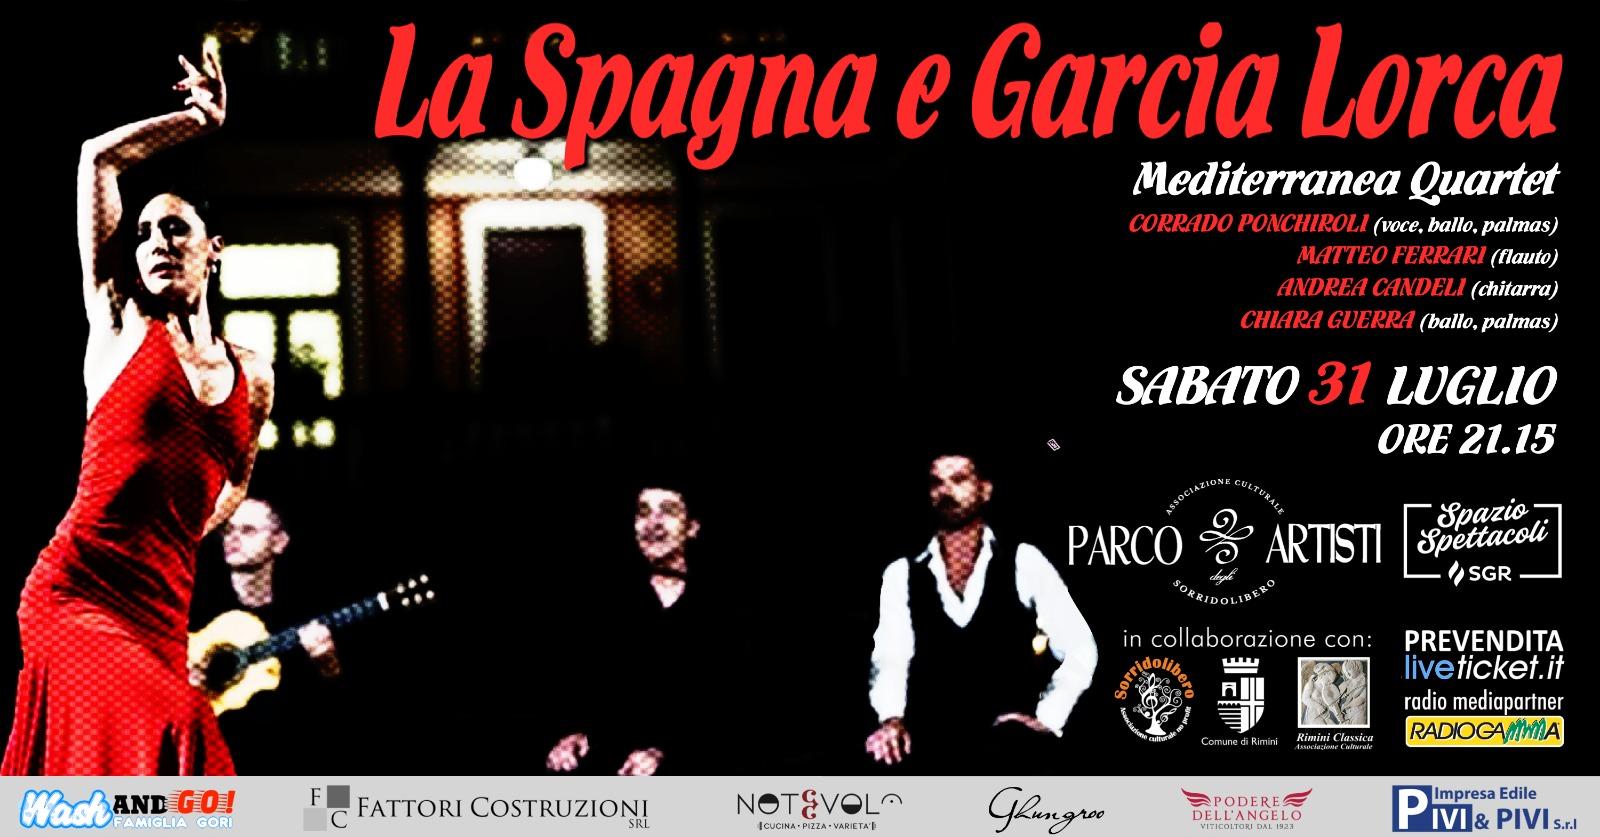 La Spagna e Garcia Lorca